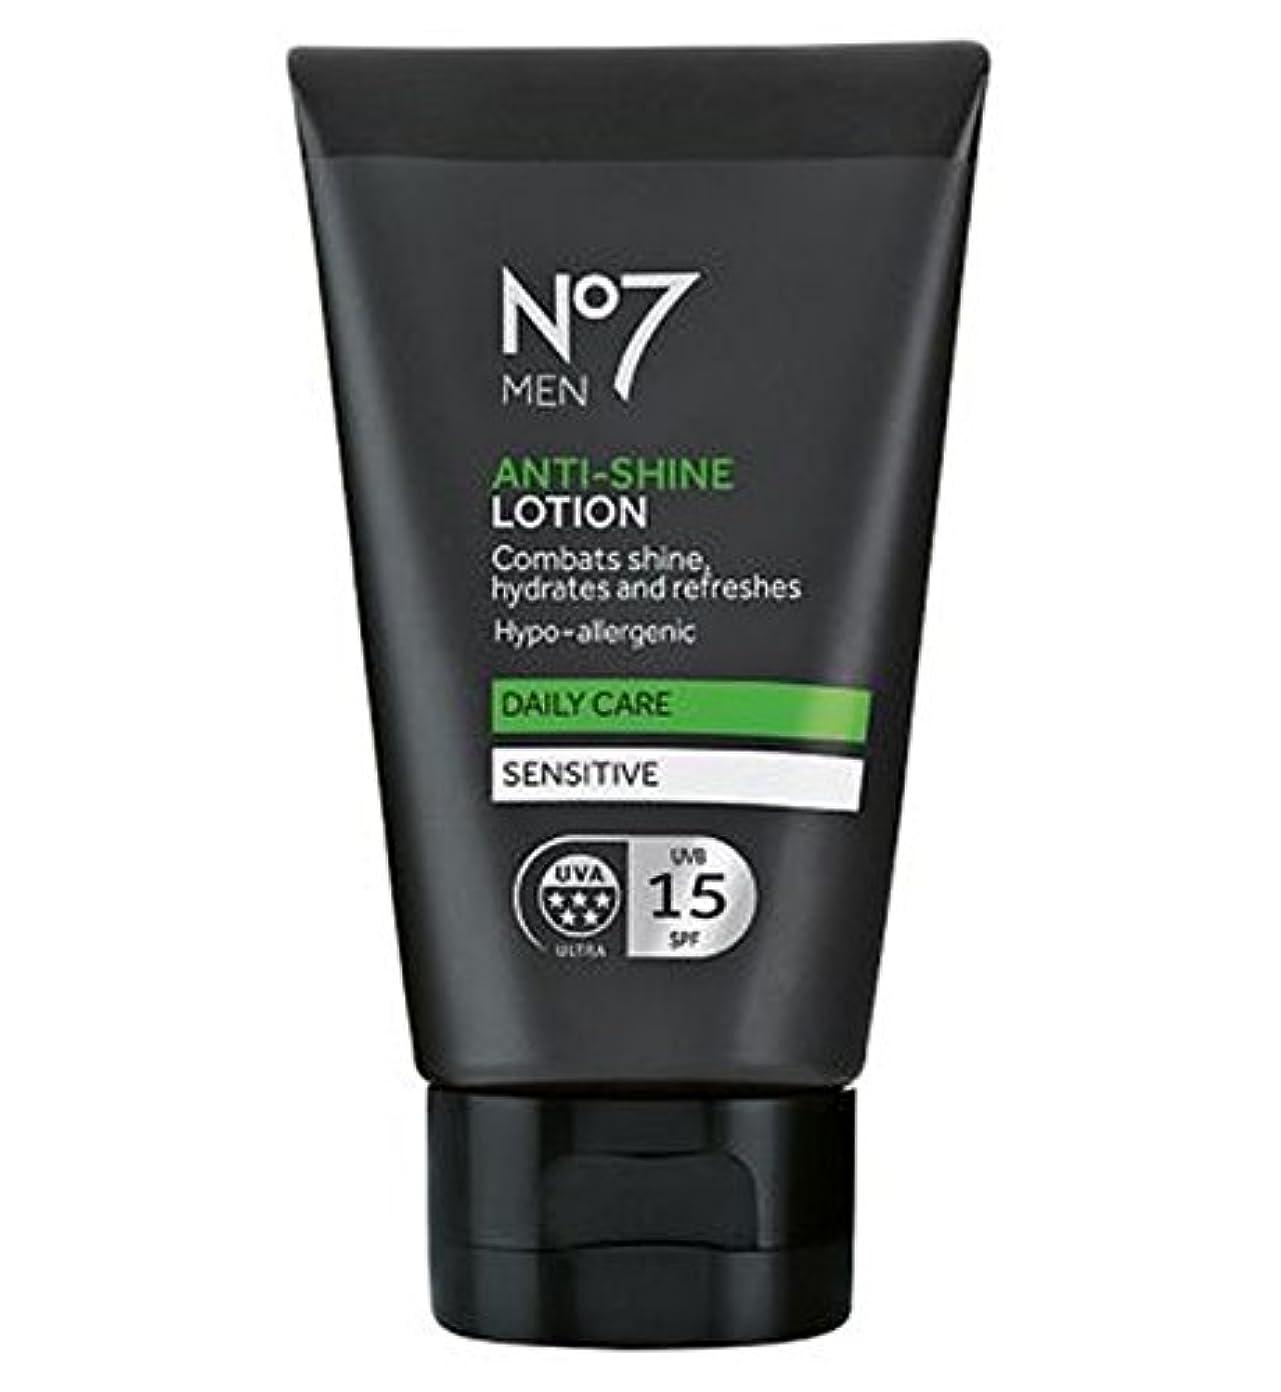 繊維レイアウト祝うNo7 Men Anti-Shine Lotion 50ml - No7男性抗輝きローション50ミリリットル (No7) [並行輸入品]